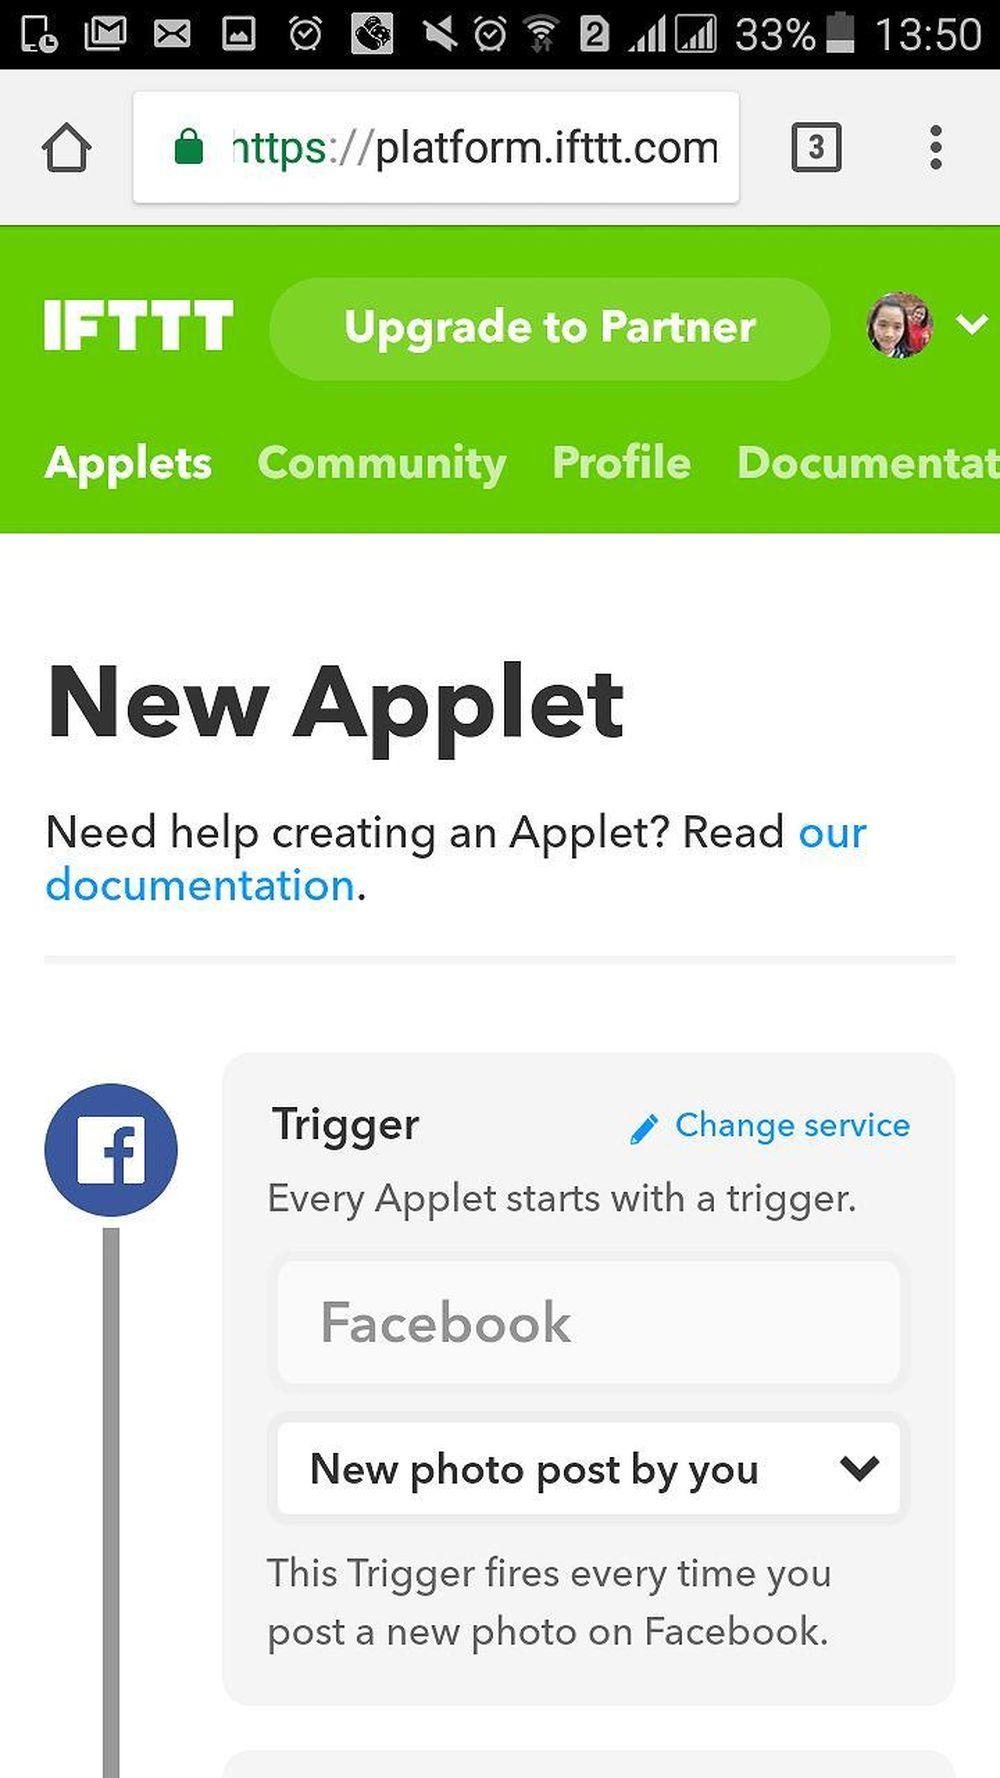 Hướng dẫn cách dùng ứng dụng IFTTT trên Android – Công cụ 'bá đạo